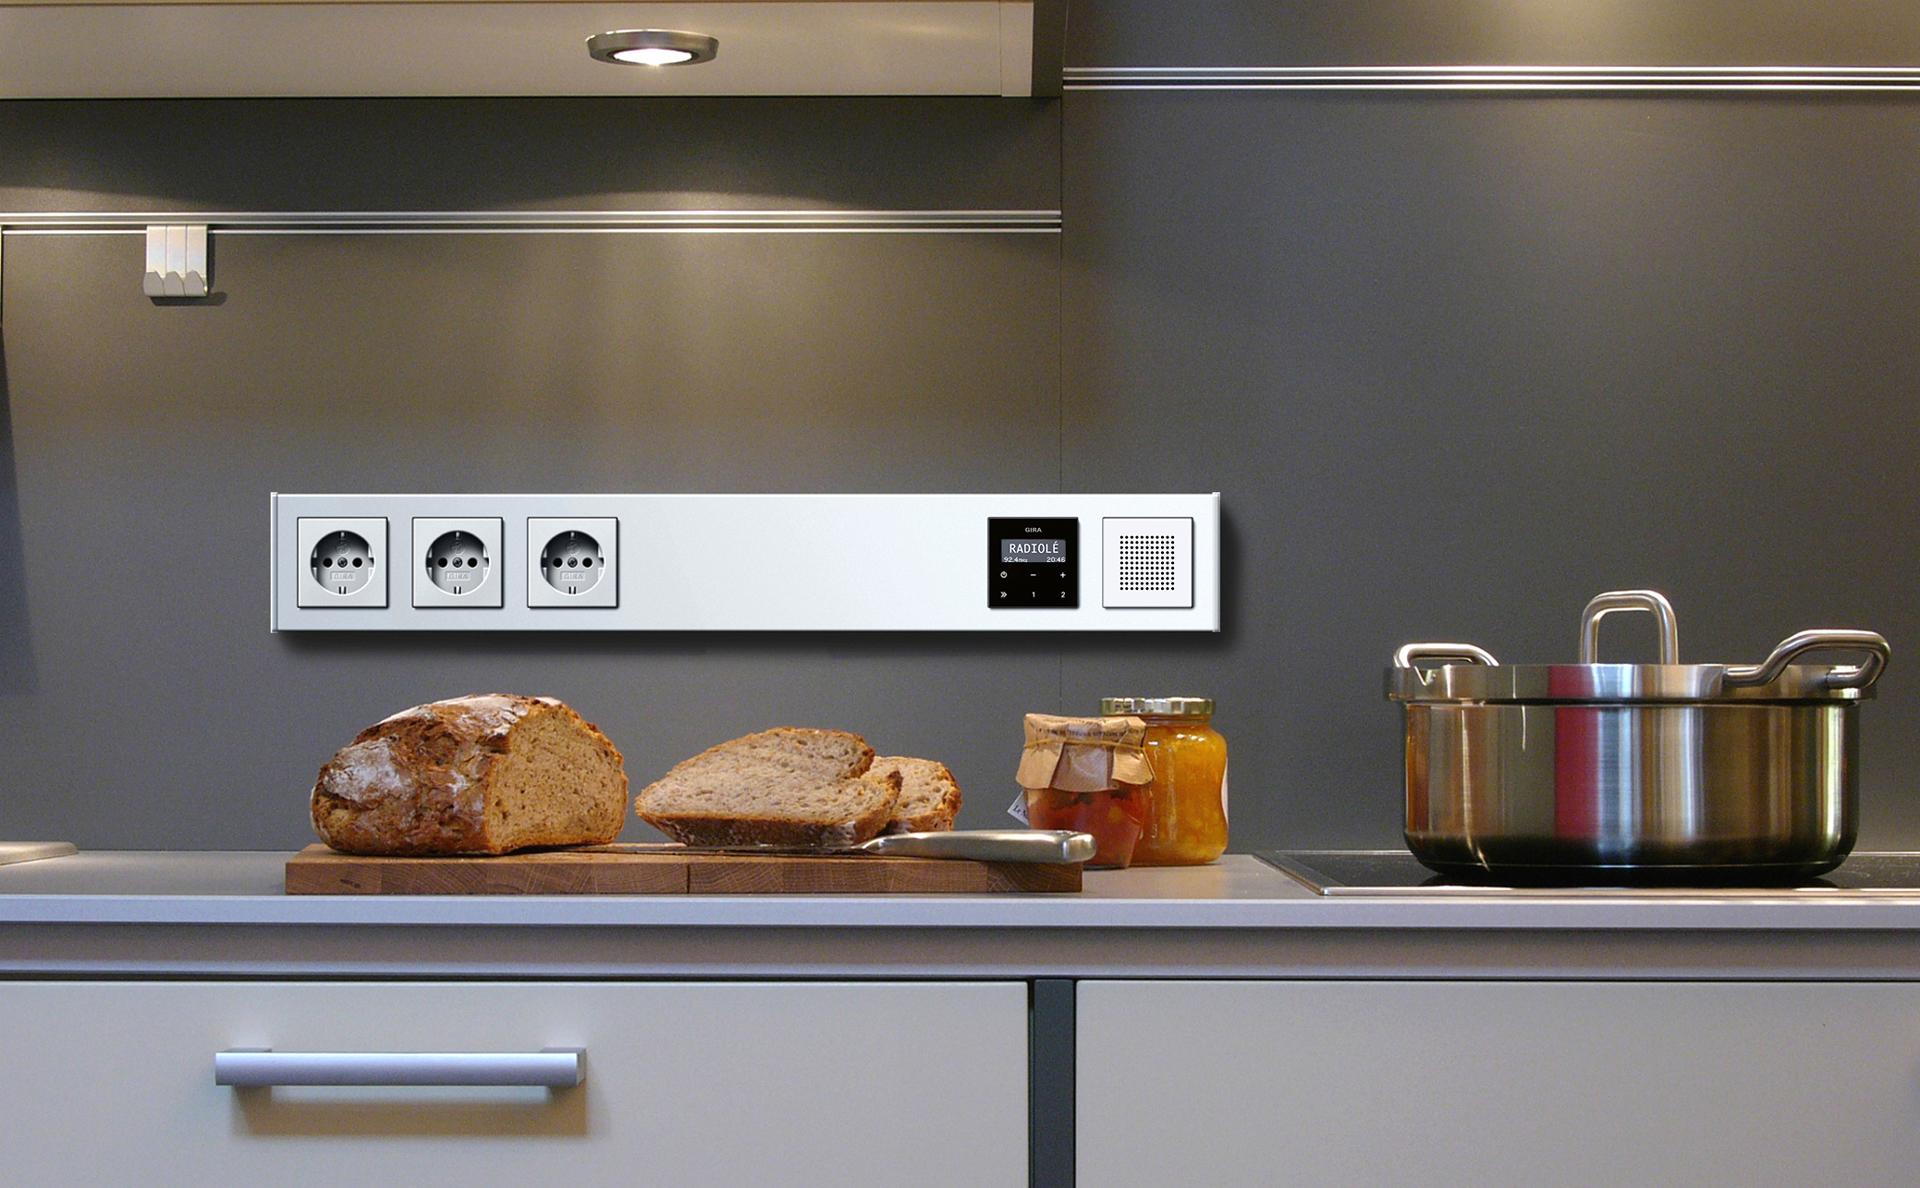 Gira Profil 55, Farbe Alu, bestückt mit drei SCHUKO-Steckdosen und Gira Radio, Glas schwarz, Farbe Alu